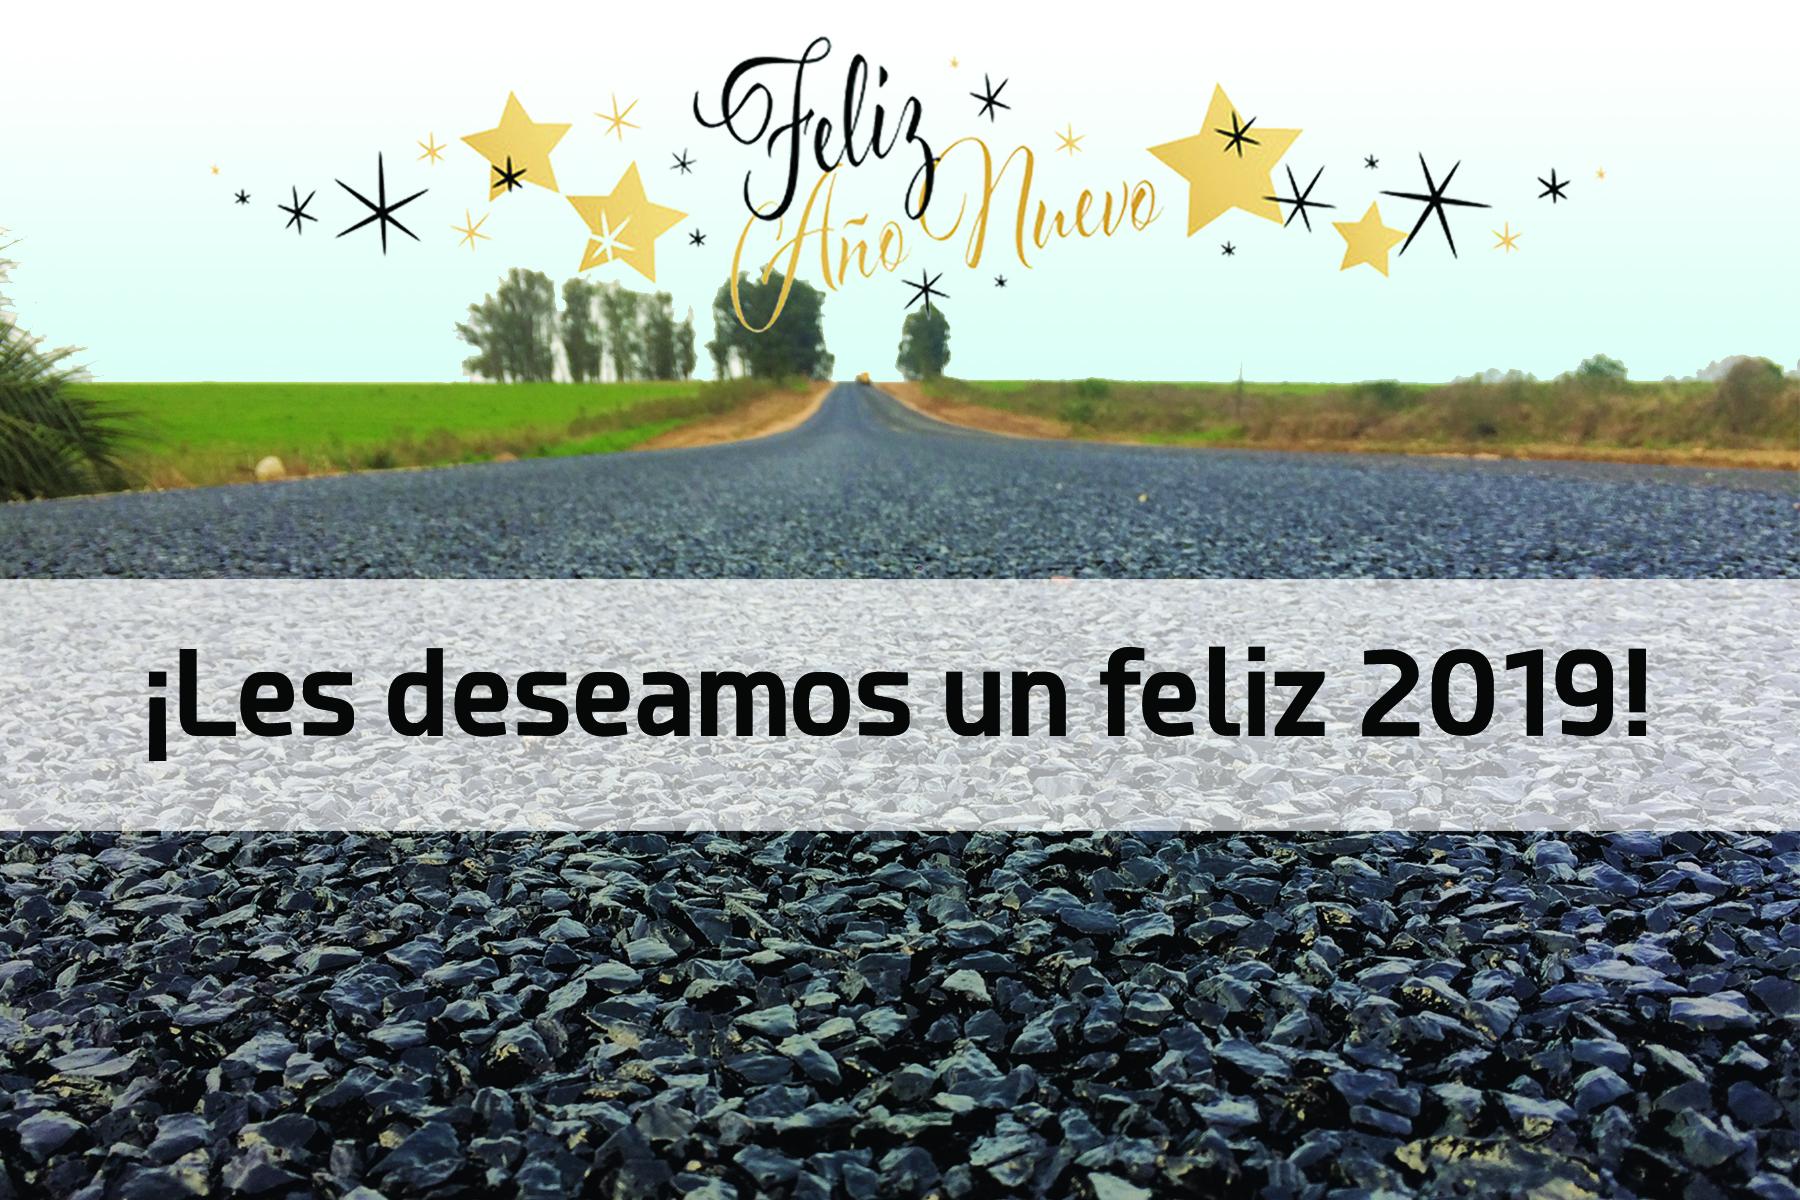 FELICES FIESTAS Y EXITOS PARA EL 2019